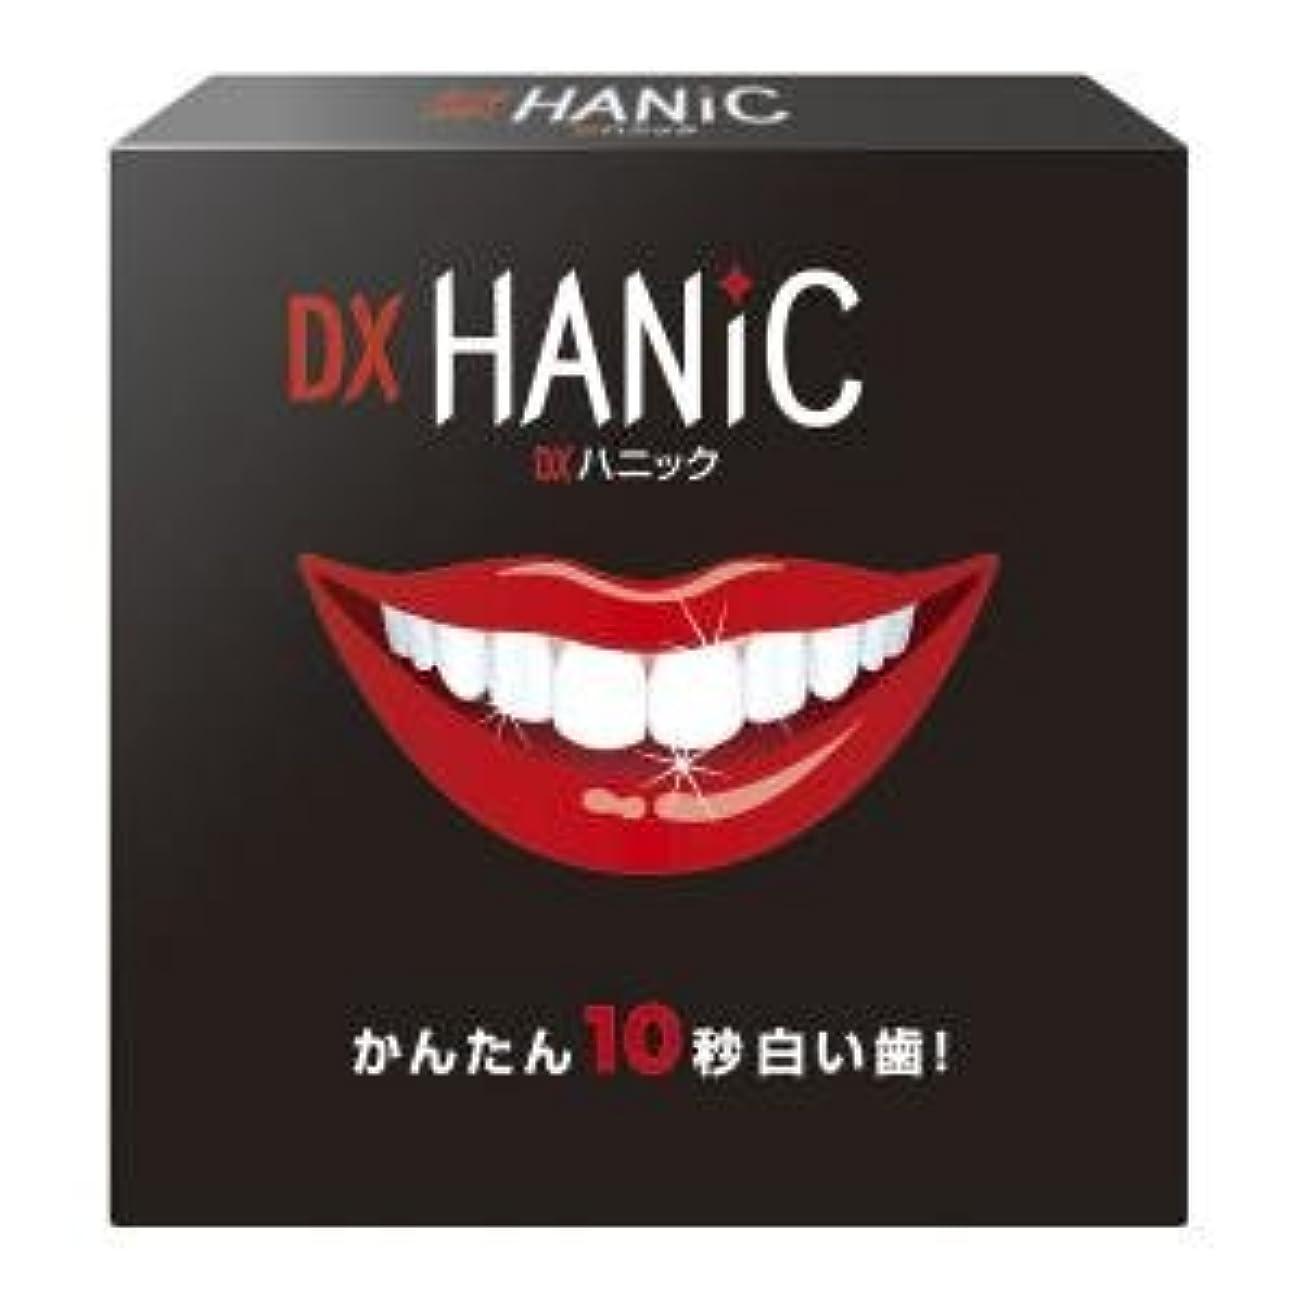 染色ふざけたスキムホワイトニング、白い歯 DXハニック デンタルコットン付き